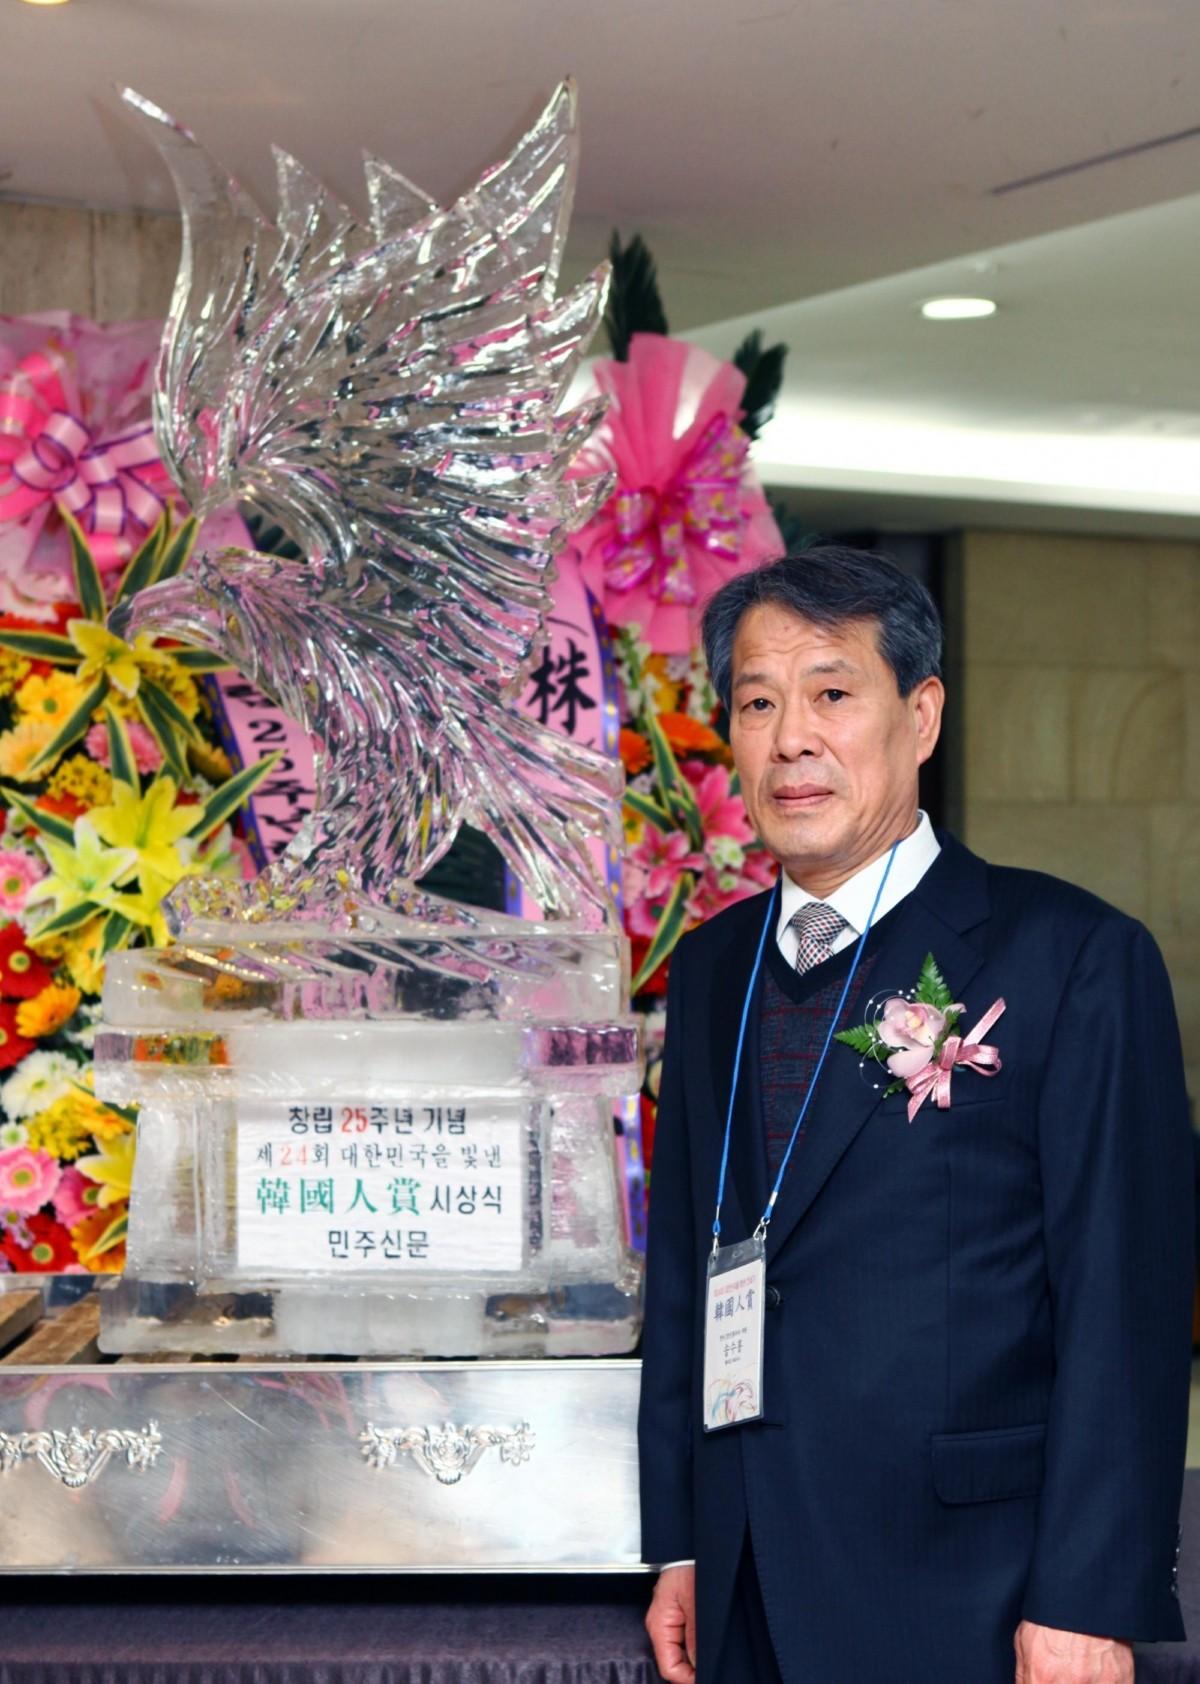 콩국수 맛집, 충무로 맛집으로 유명한 송수홍 장인의 '별미집'